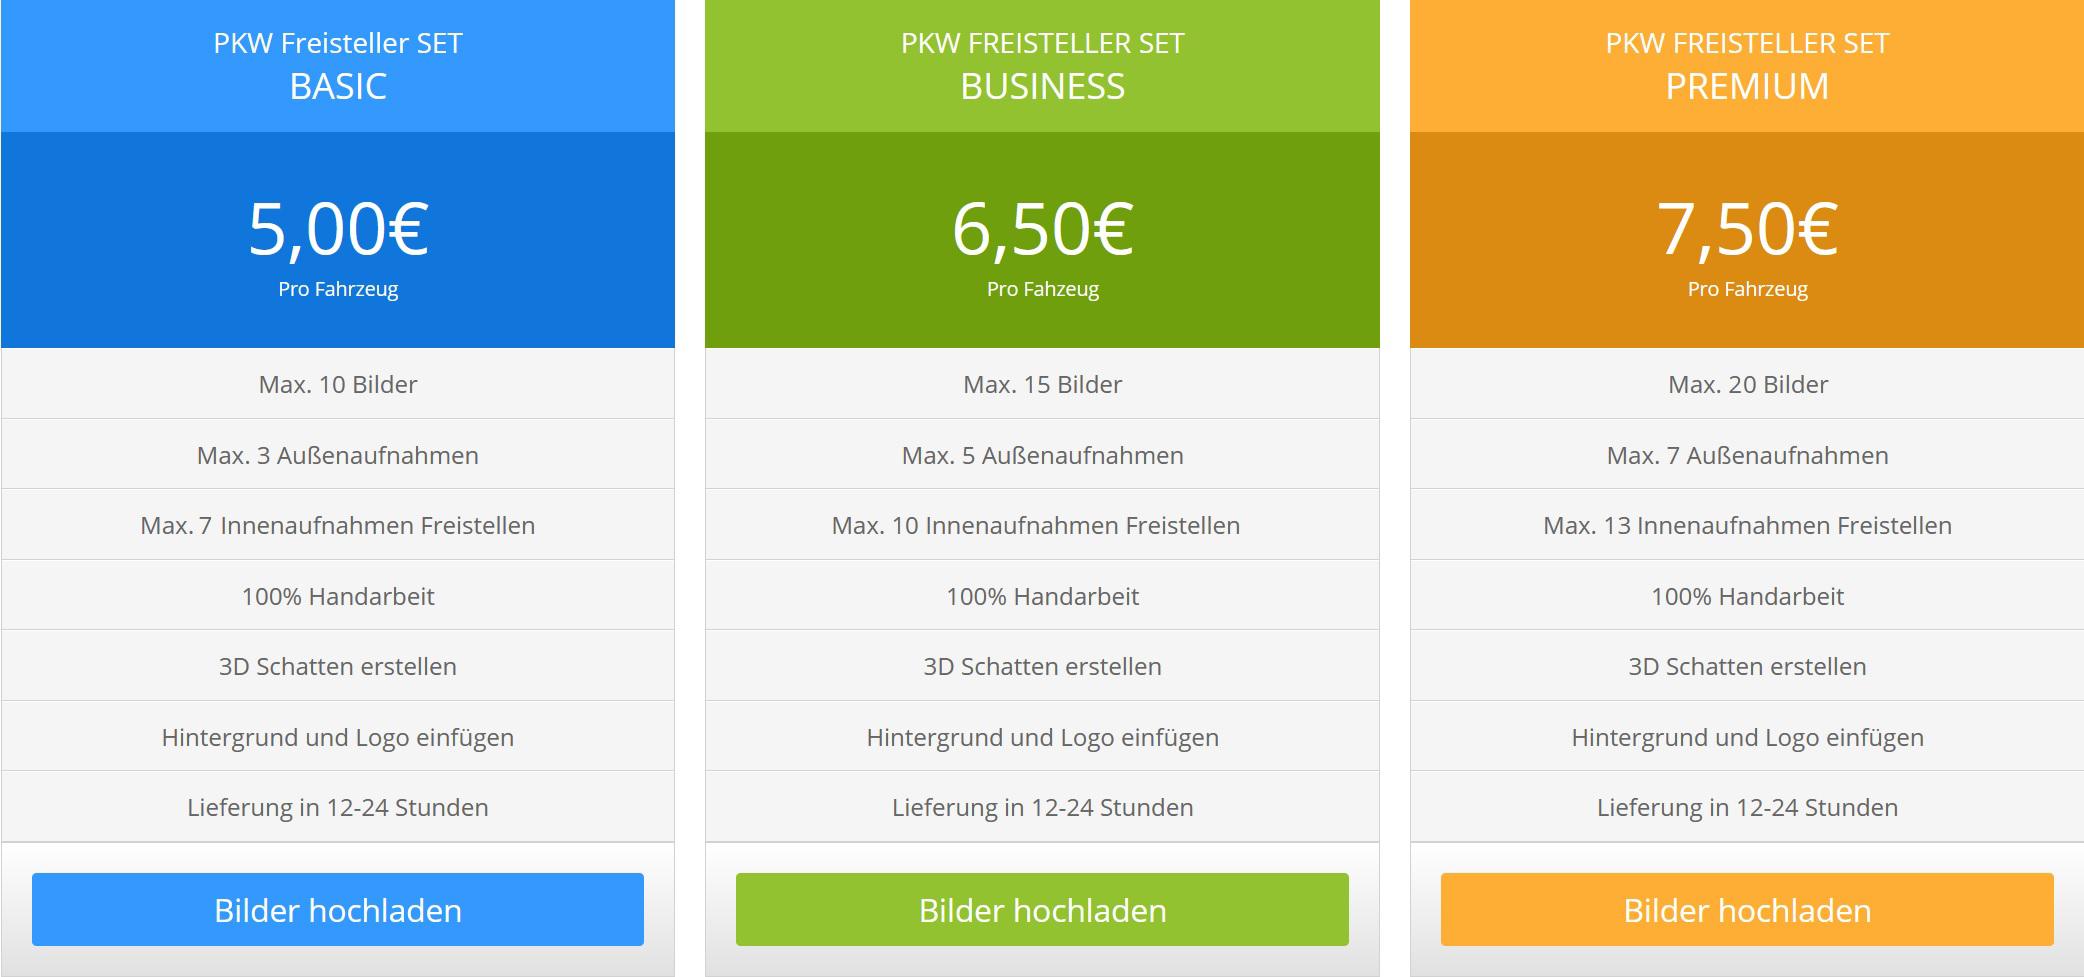 PKW-und-Fahrzeug-Freisteller-SET-Preis